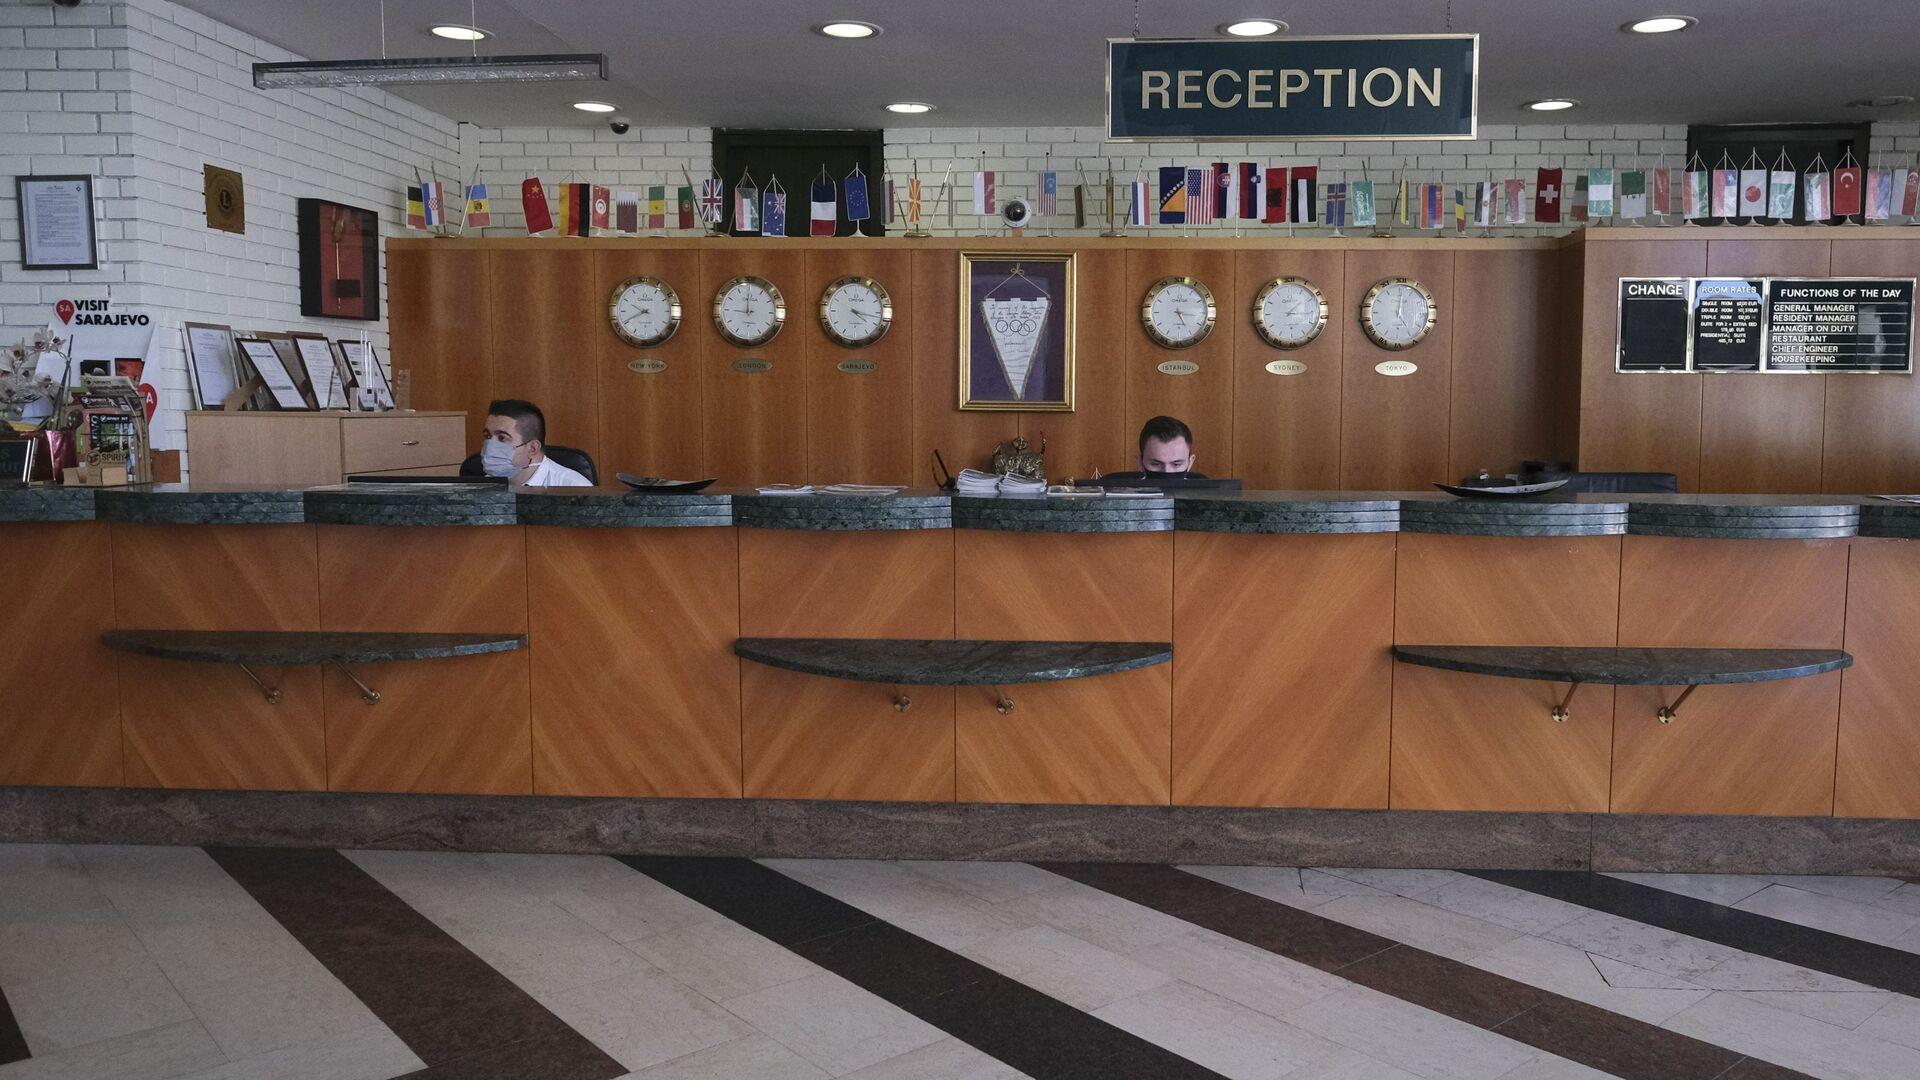 Hotel resepşni, arxiv şəkli - Sputnik Azərbaycan, 1920, 06.10.2021